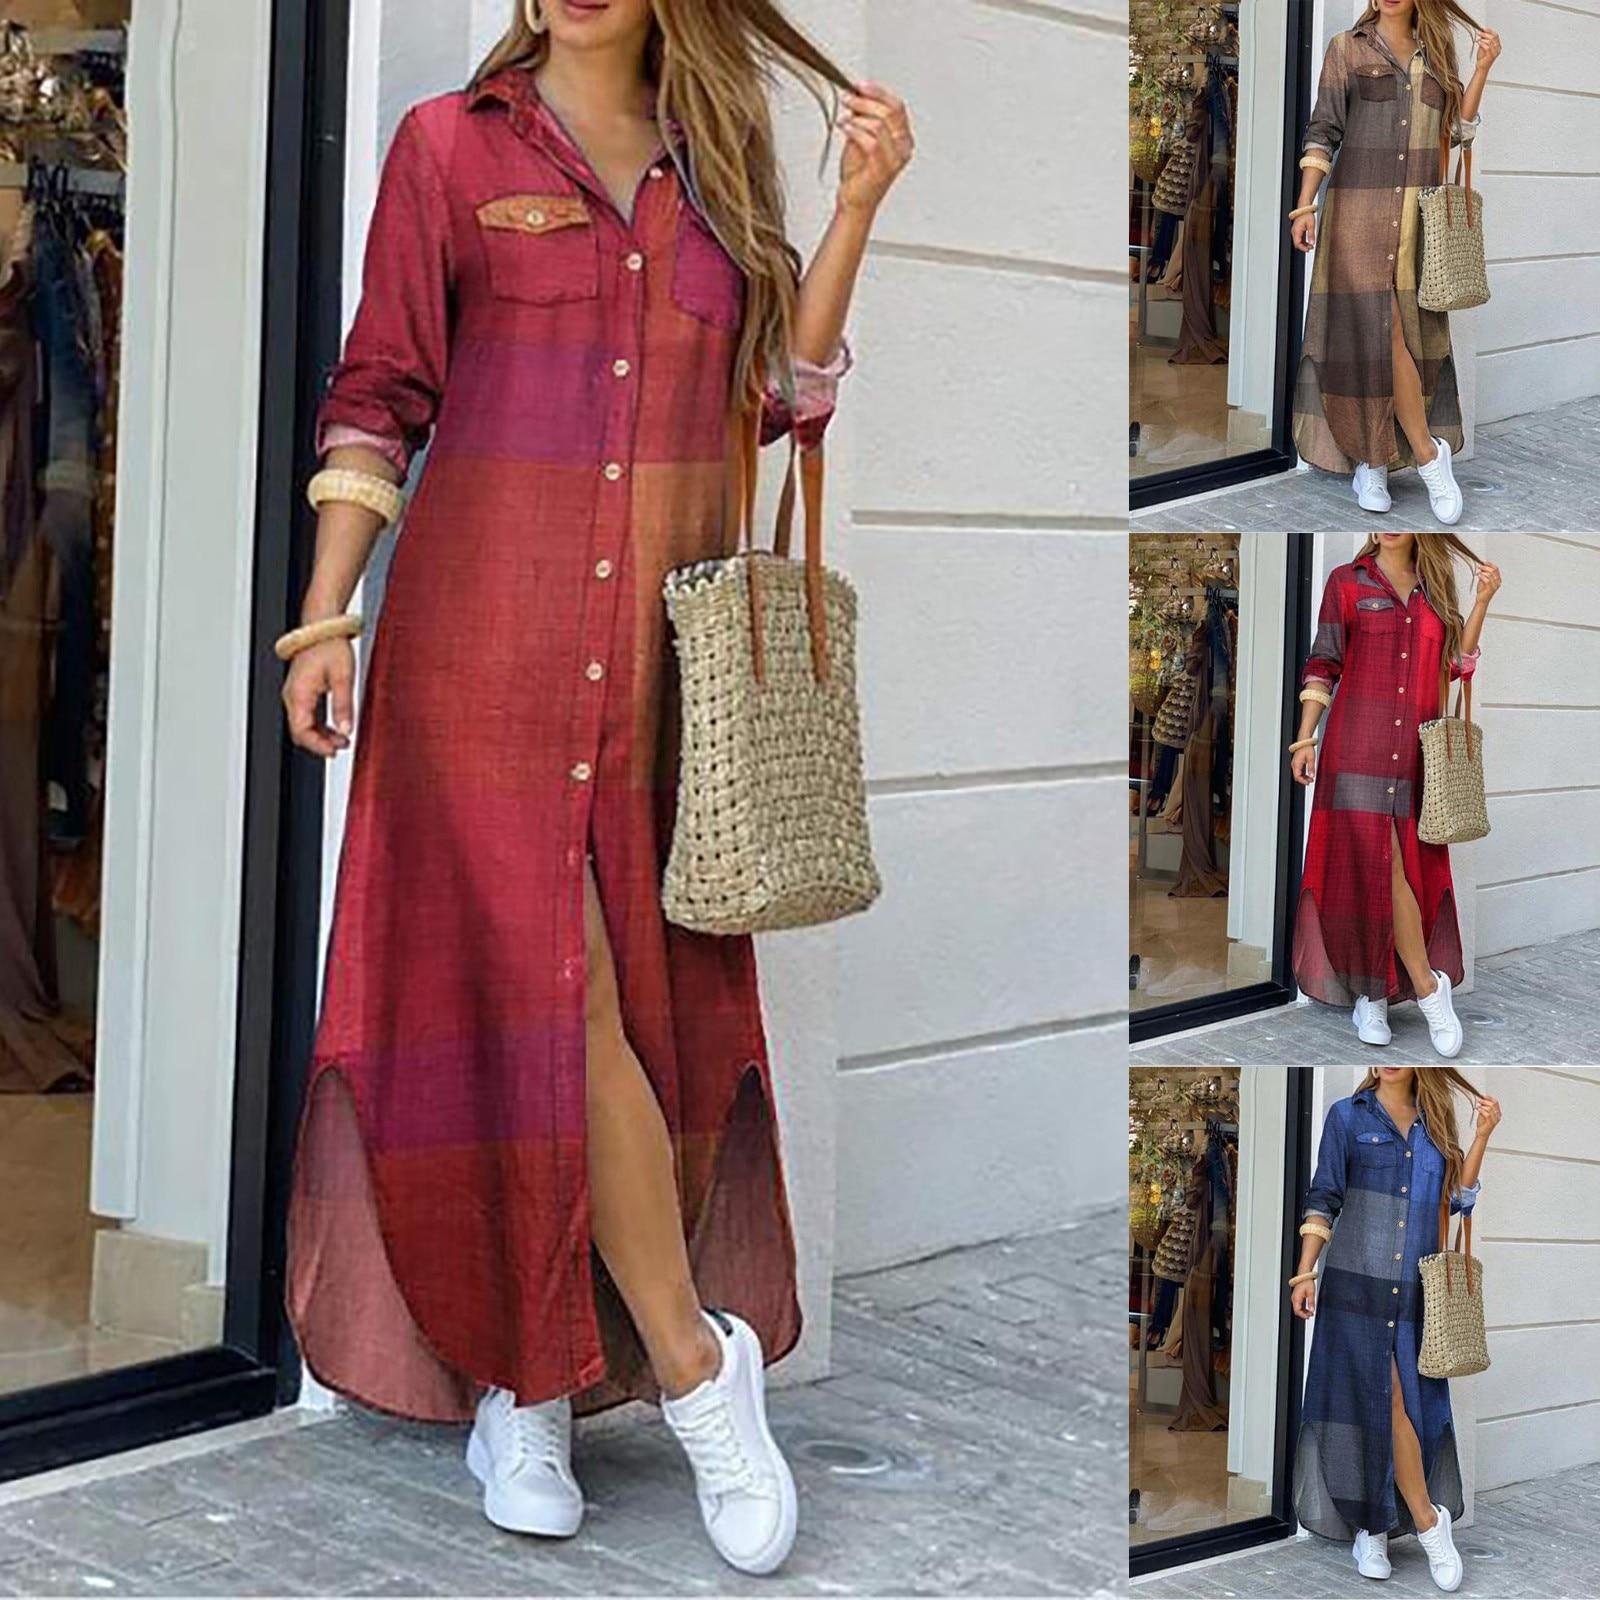 Vestidos de moda para mujer, vestido bohemio informal holgado de manga larga...